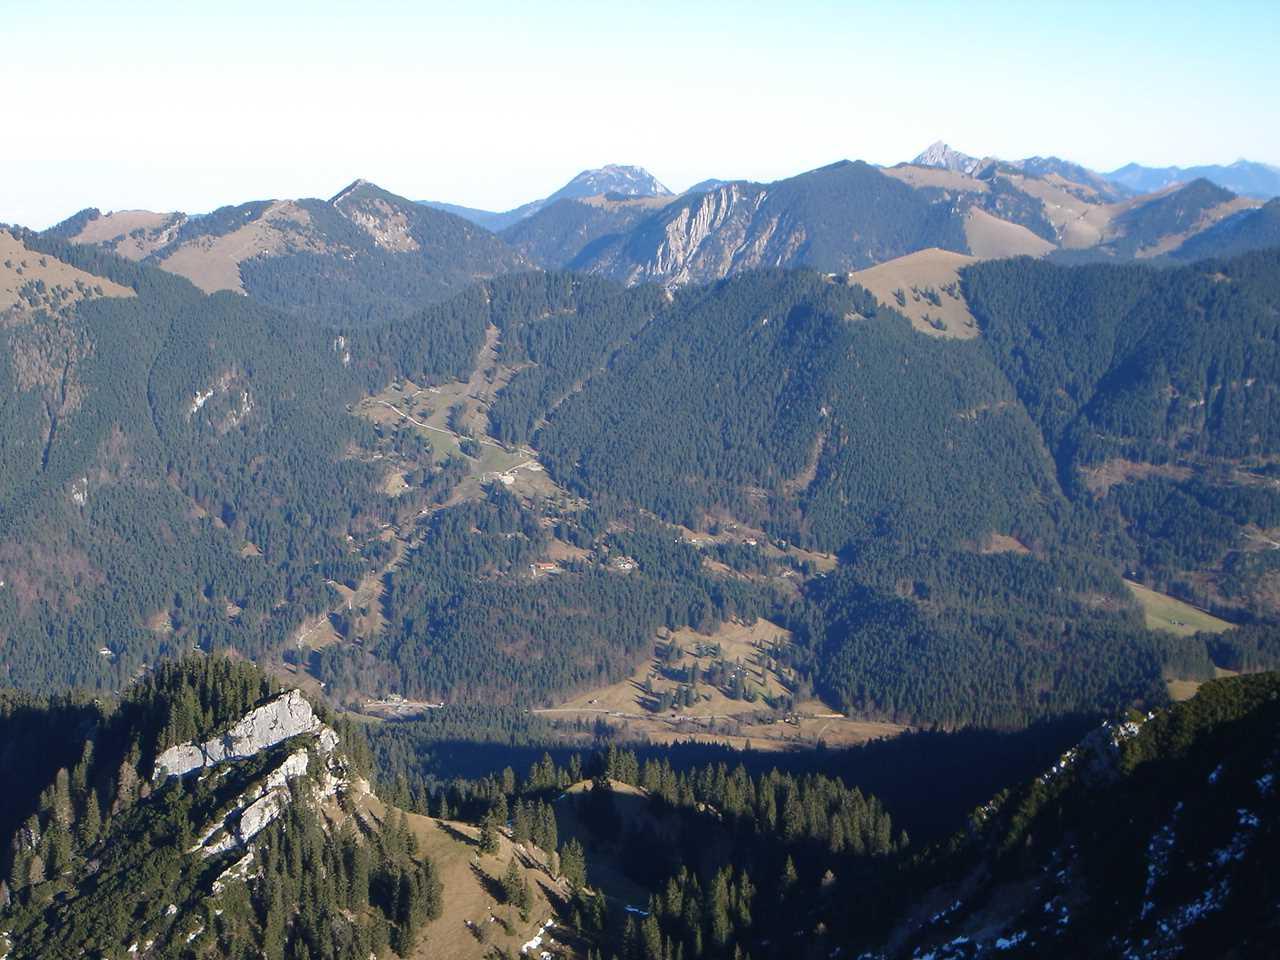 Foto: Manfred Karl / Wander Tour / Risserkogel mit Plankenstein Umrundung / Nach Osten reicht die Sicht über den Riederecksattel im Vordergrund hinüber zum Wendelstein, das ist der spitze Gipfel im Hintergrund. / 26.04.2007 20:51:20